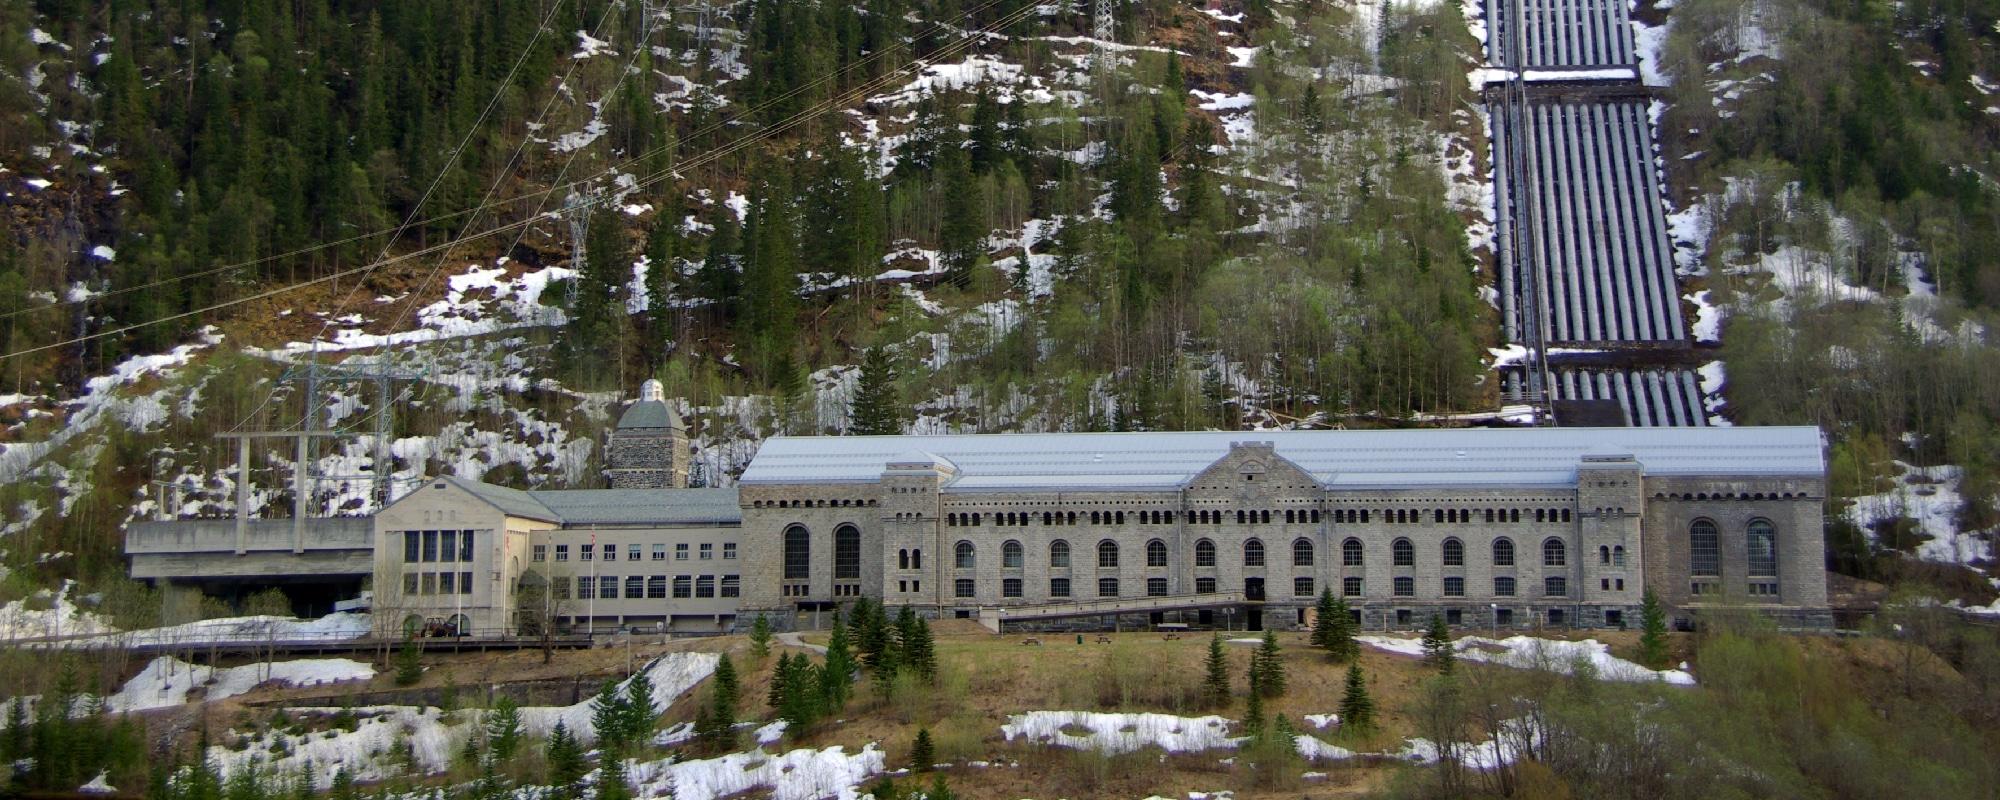 Centrale hydroélectrique de Vemork.